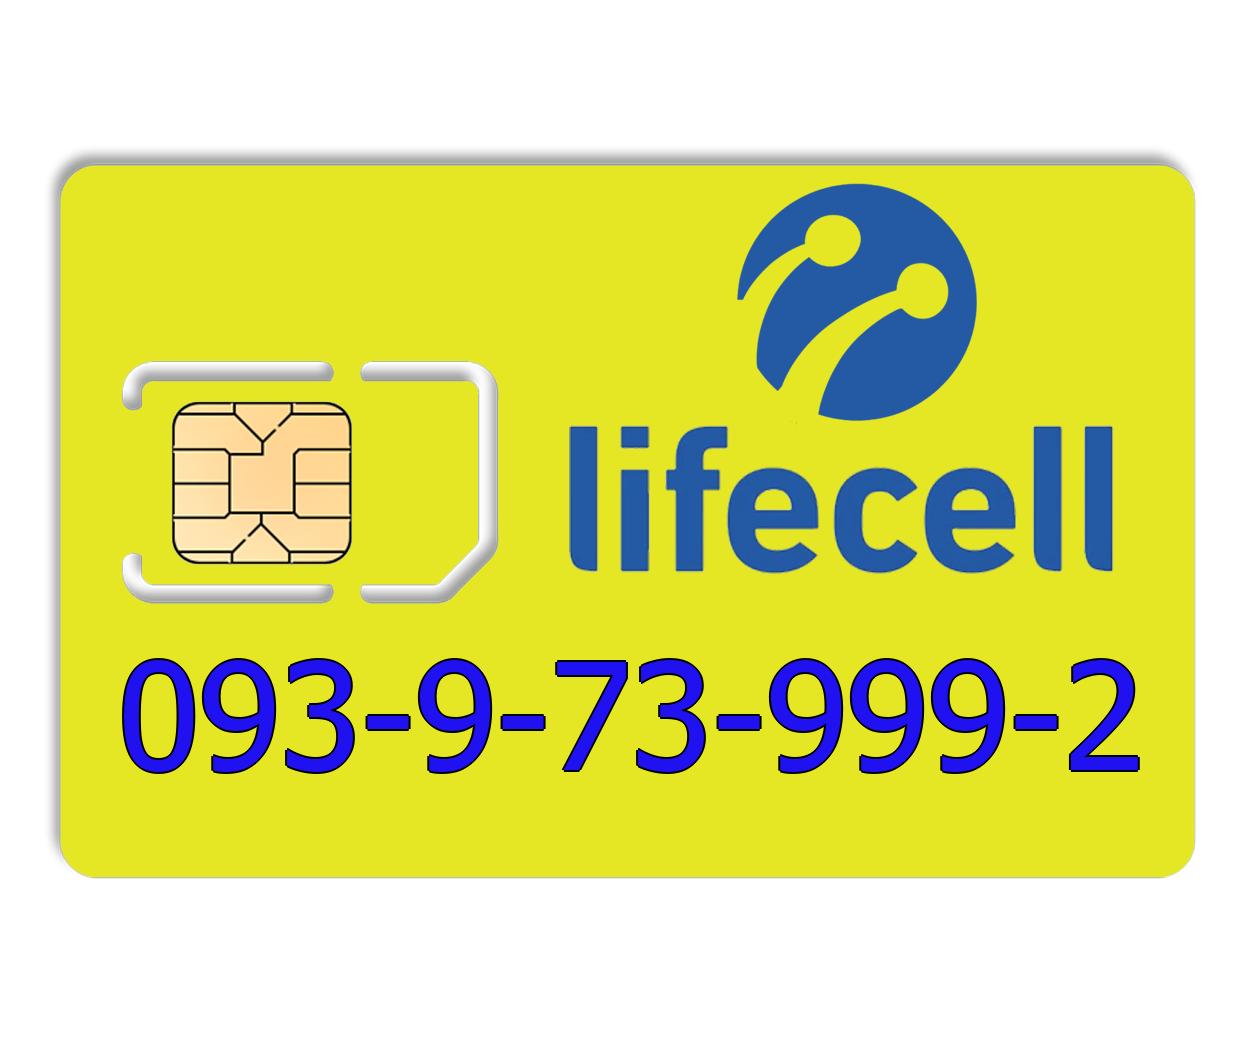 Красивый номер lifecell 093-9-73-999-2